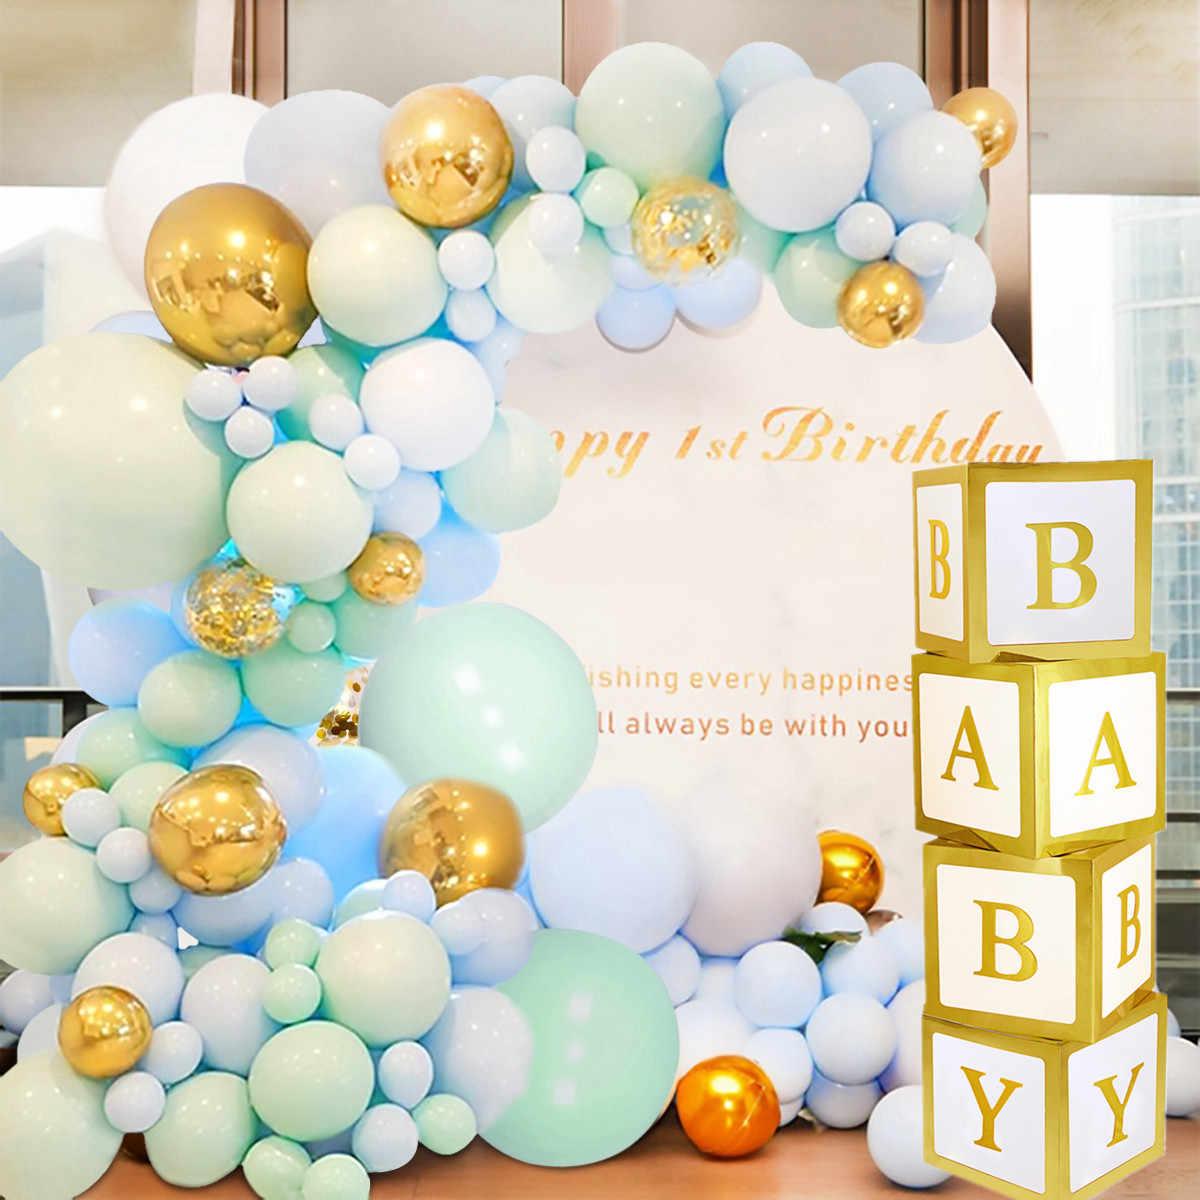 ベビーシャワー少年少女透明ボックスベビーシャワーの装飾洗礼誕生日パーティーの装飾段ボールボックスベビーシャワーのギフト